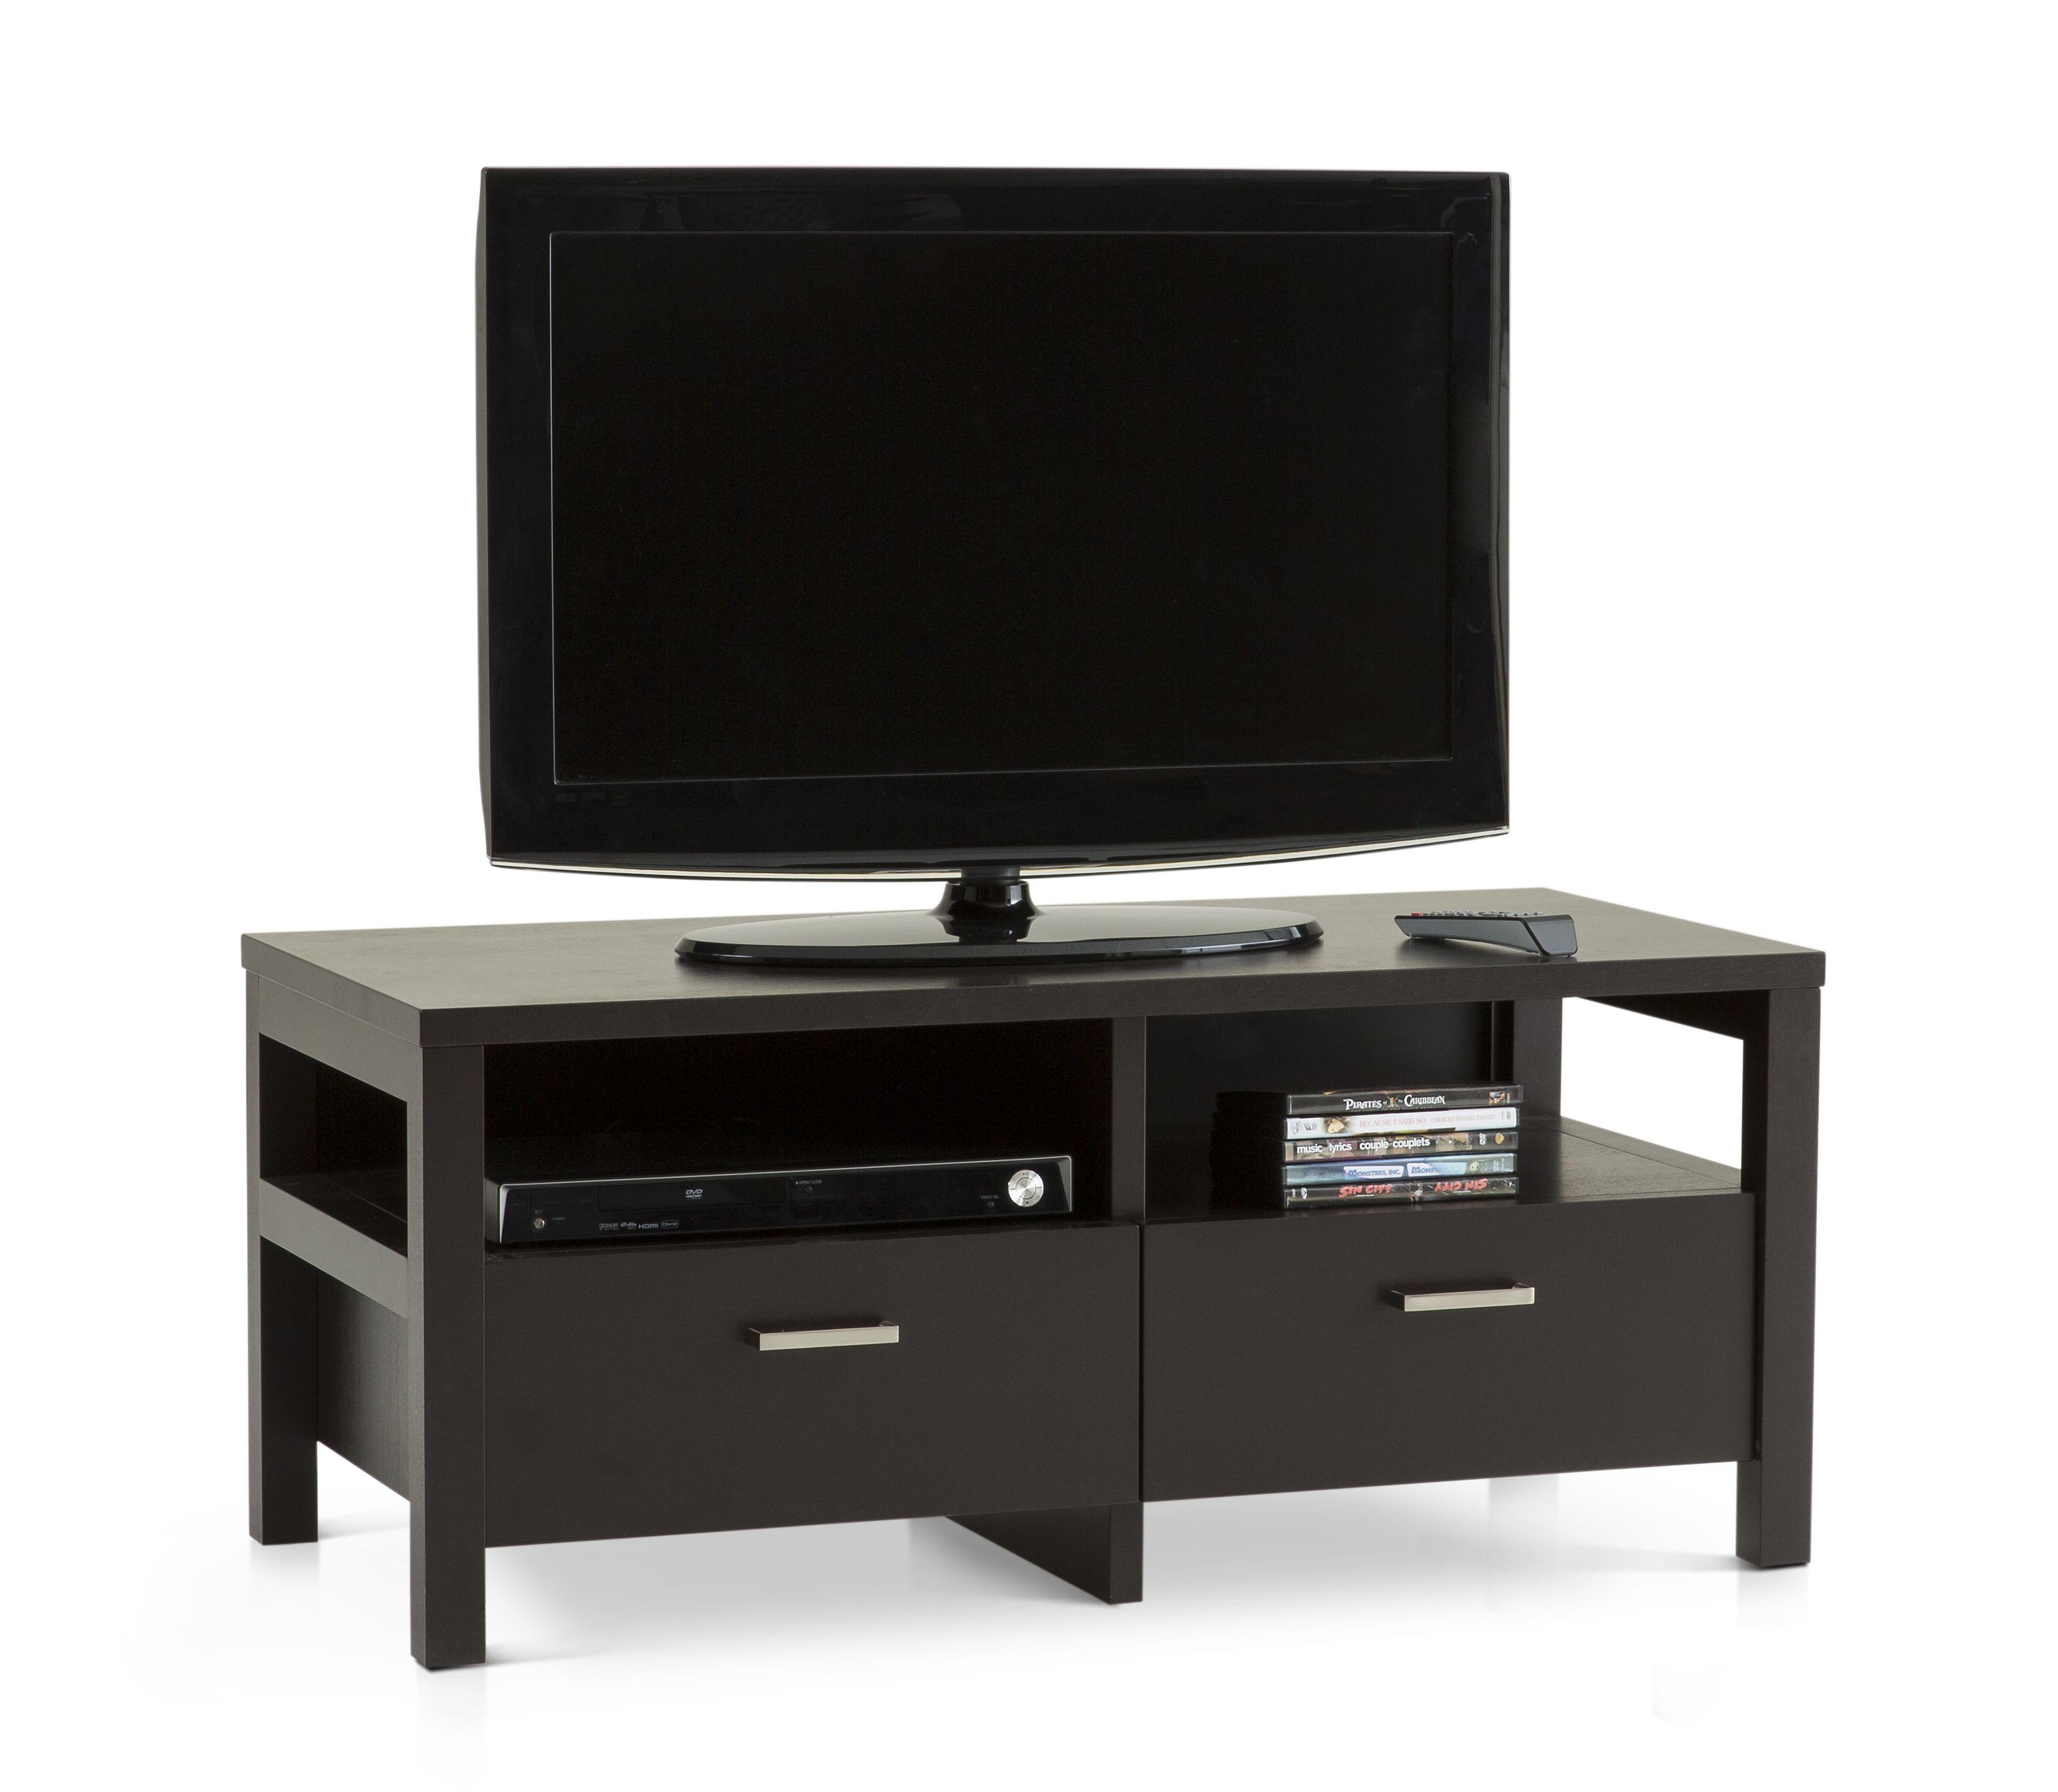 mobilier qu b cois disponible en bois de merisier et de noyer 27 couleurs offertes. Black Bedroom Furniture Sets. Home Design Ideas